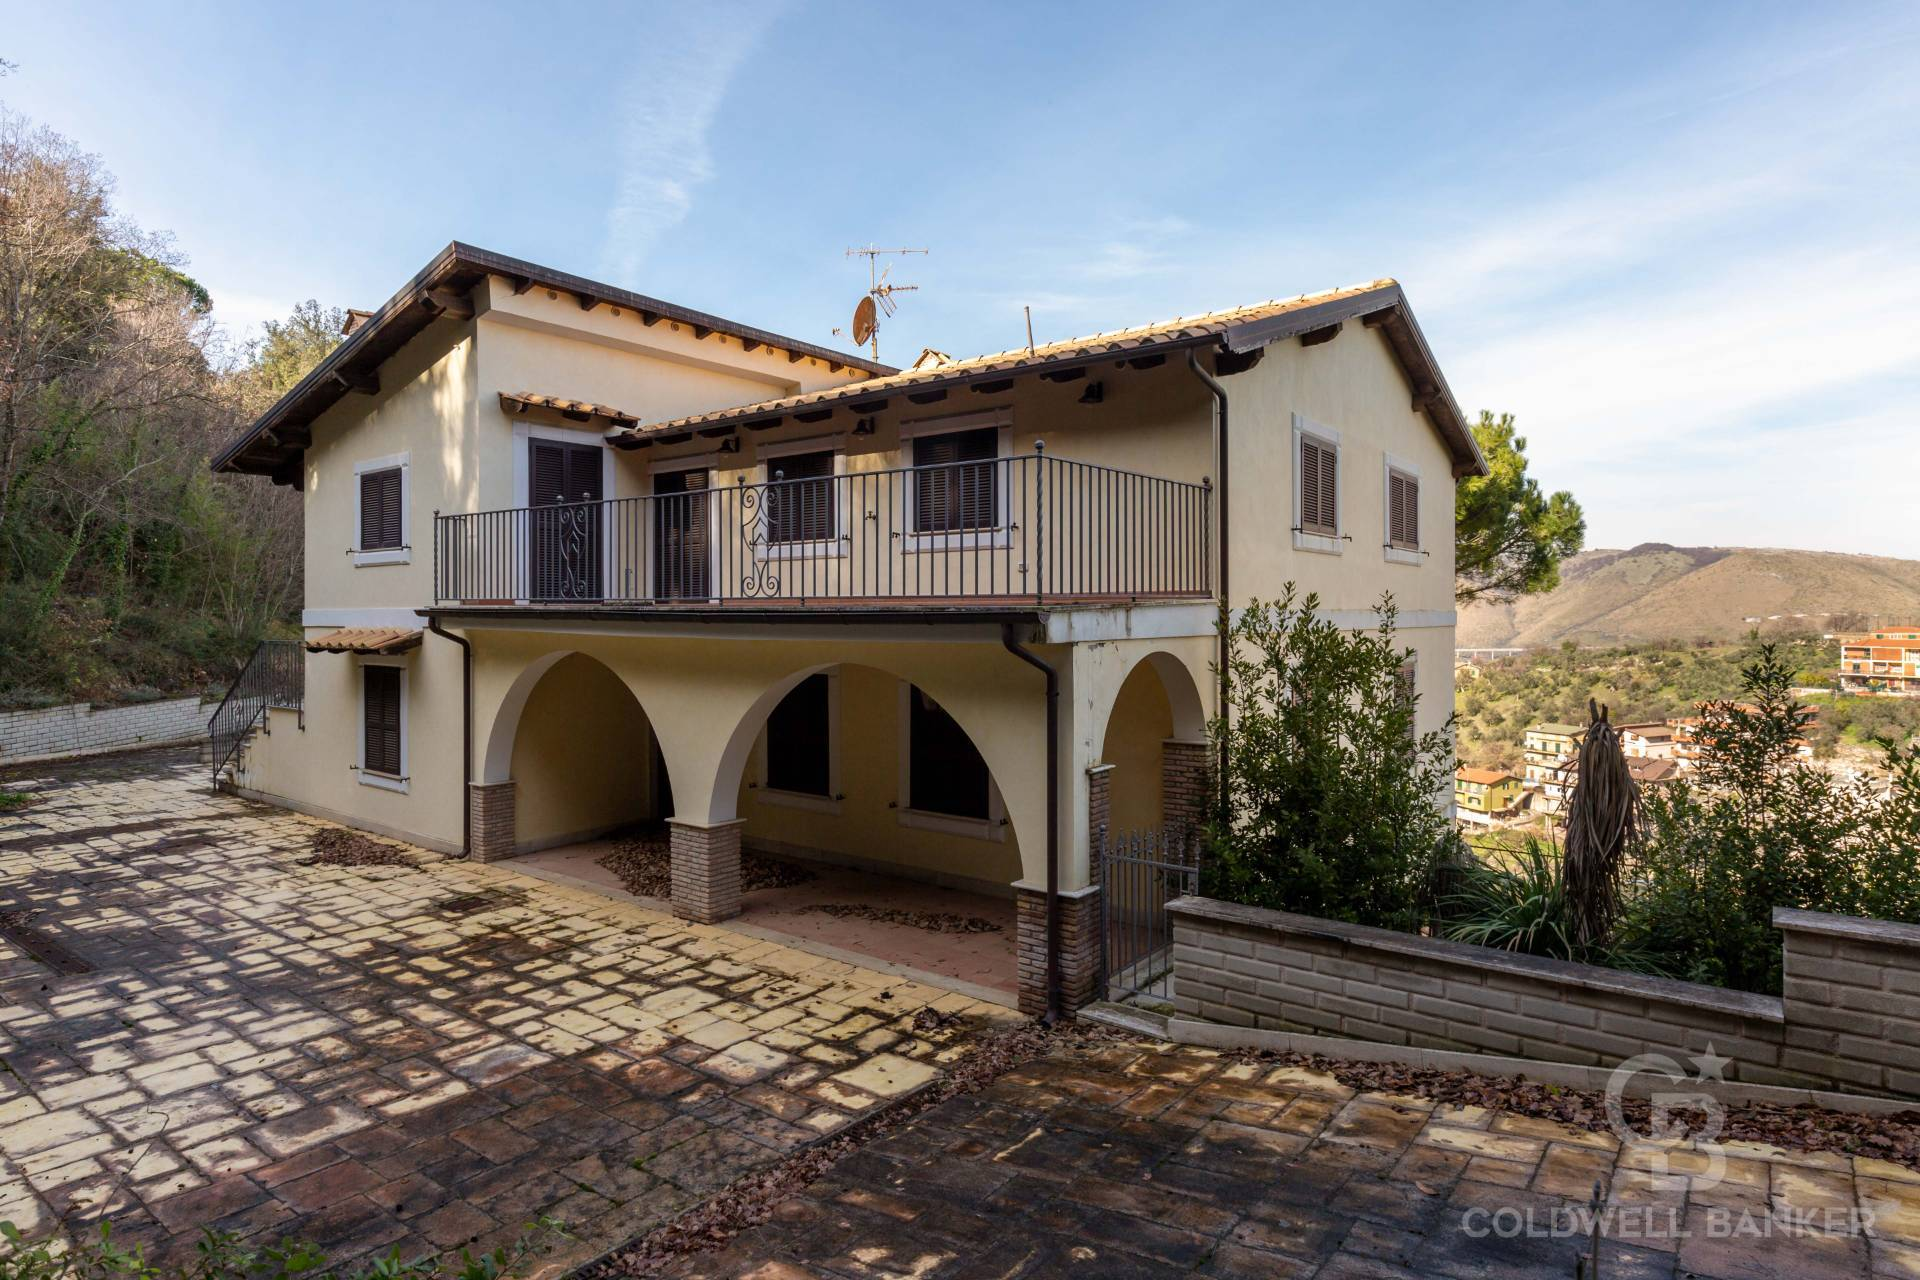 Villa in vendita a Nerola, 9 locali, zona Località: OsteriadiNerola, prezzo € 485.000 | CambioCasa.it